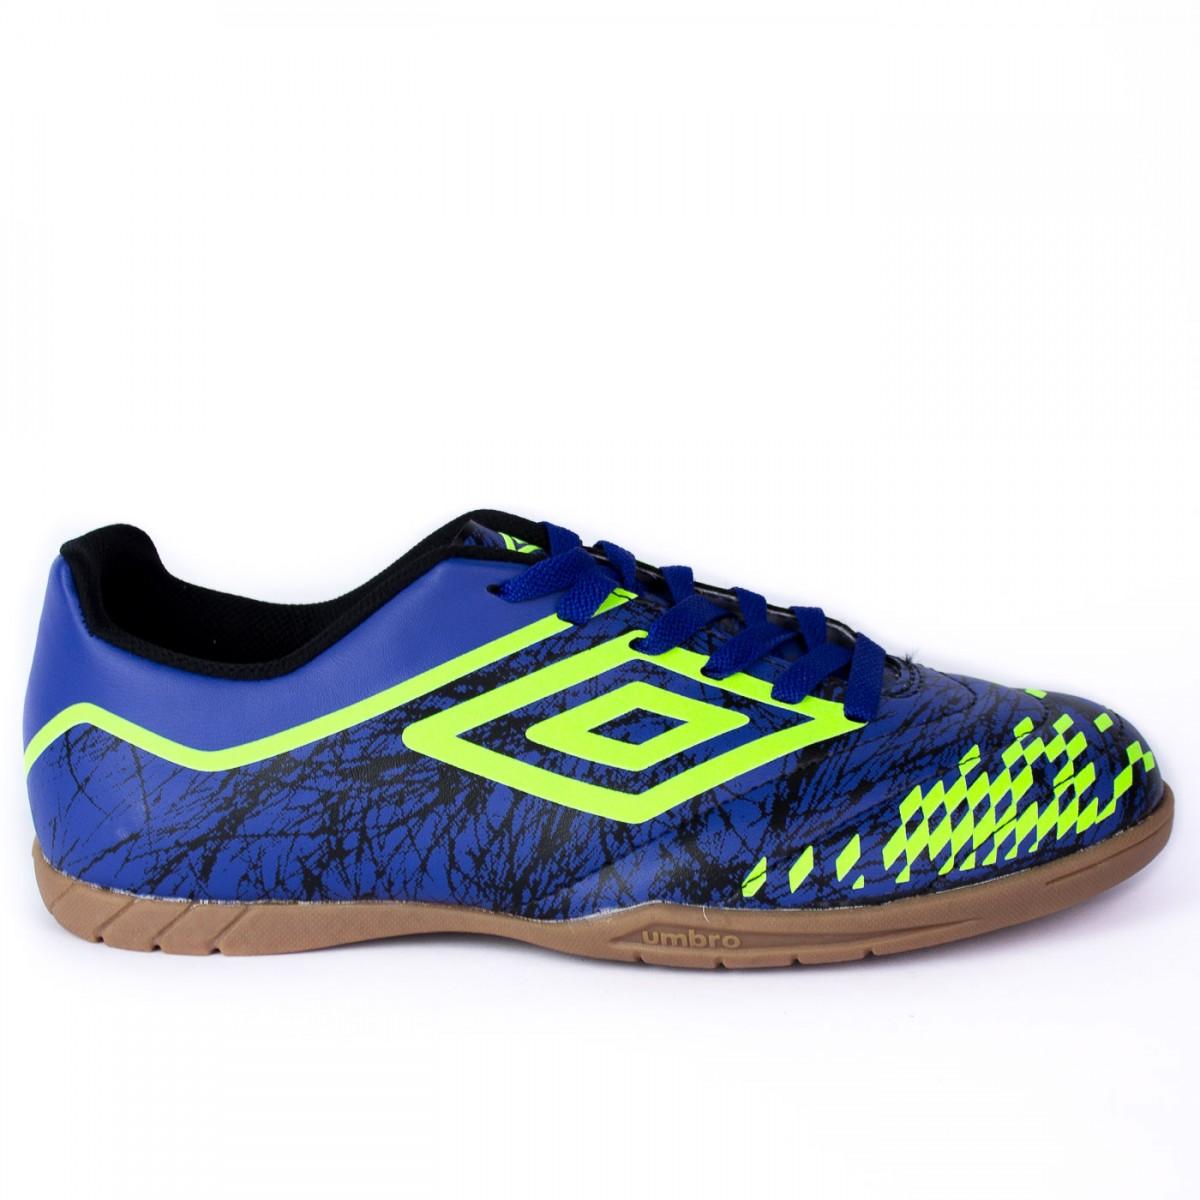 77a0be4dc7 Bizz Store - Chuteira Futsal Umbro Grass ID Masculino 0F72037